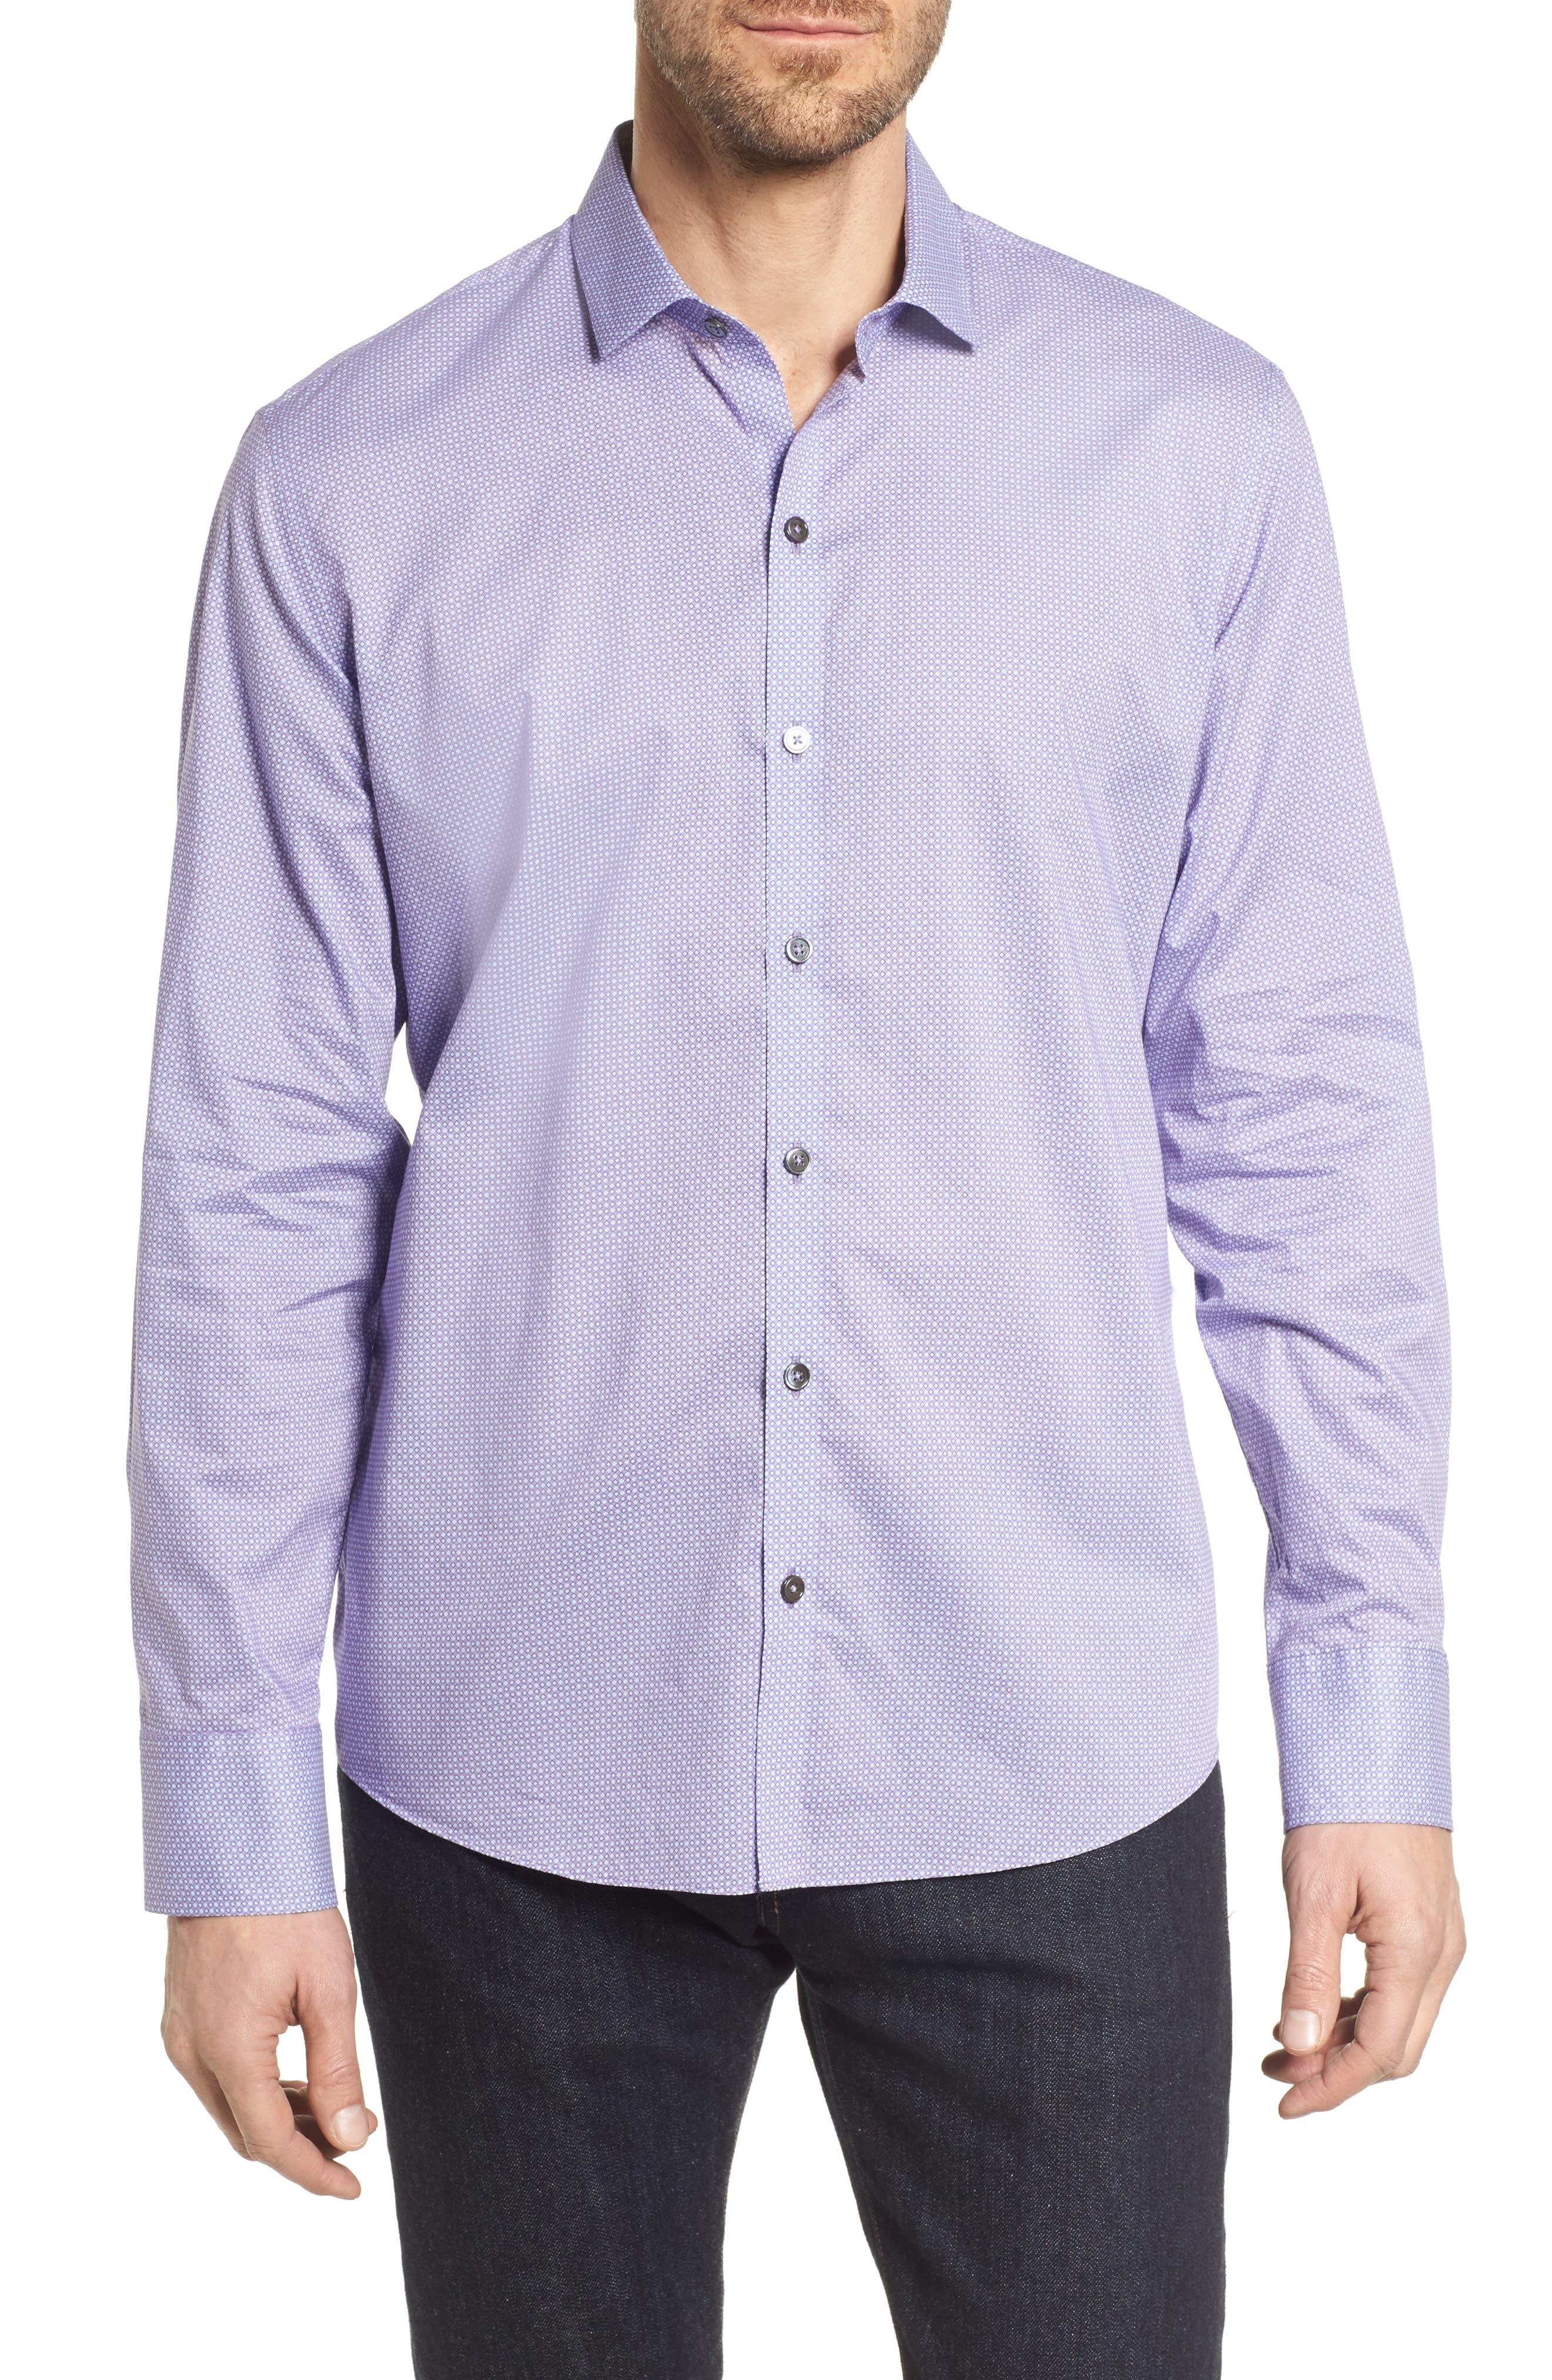 O'Malley Circle Print Sport Shirt,                             Main thumbnail 1, color,                             500